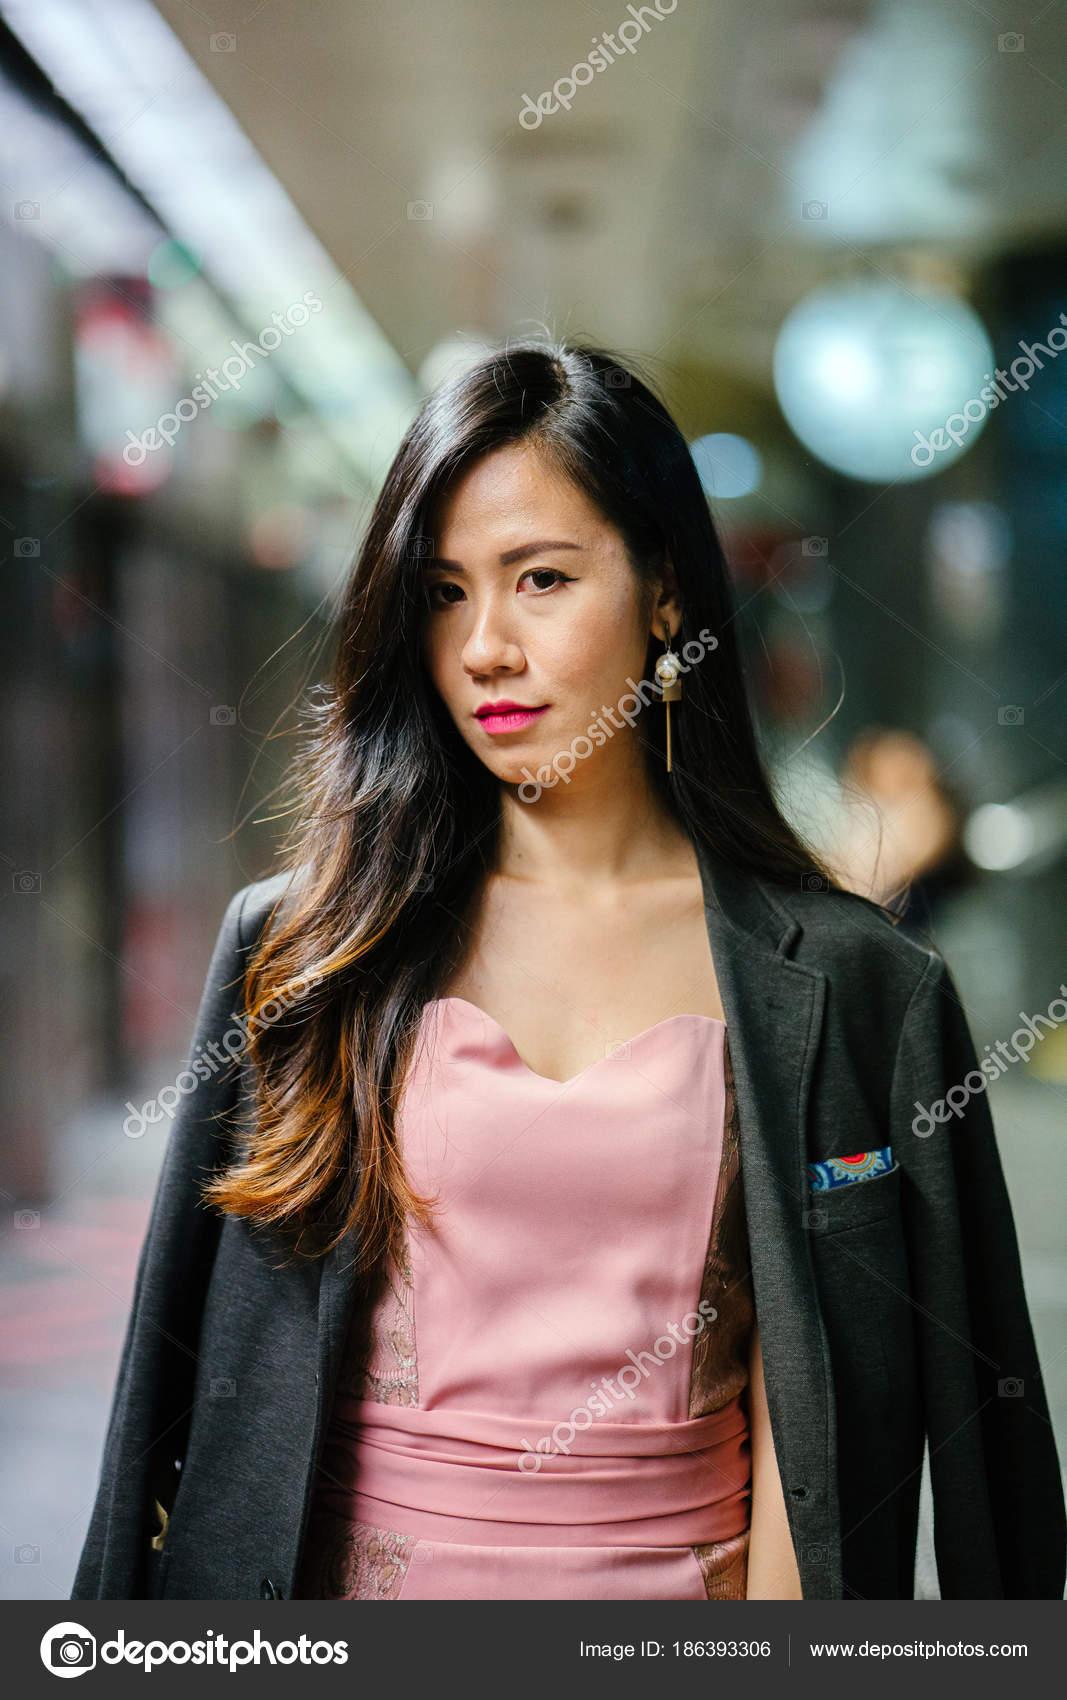 datazione di una ragazza cinese consigli cosa aspettarsi a 5 mesi di incontri